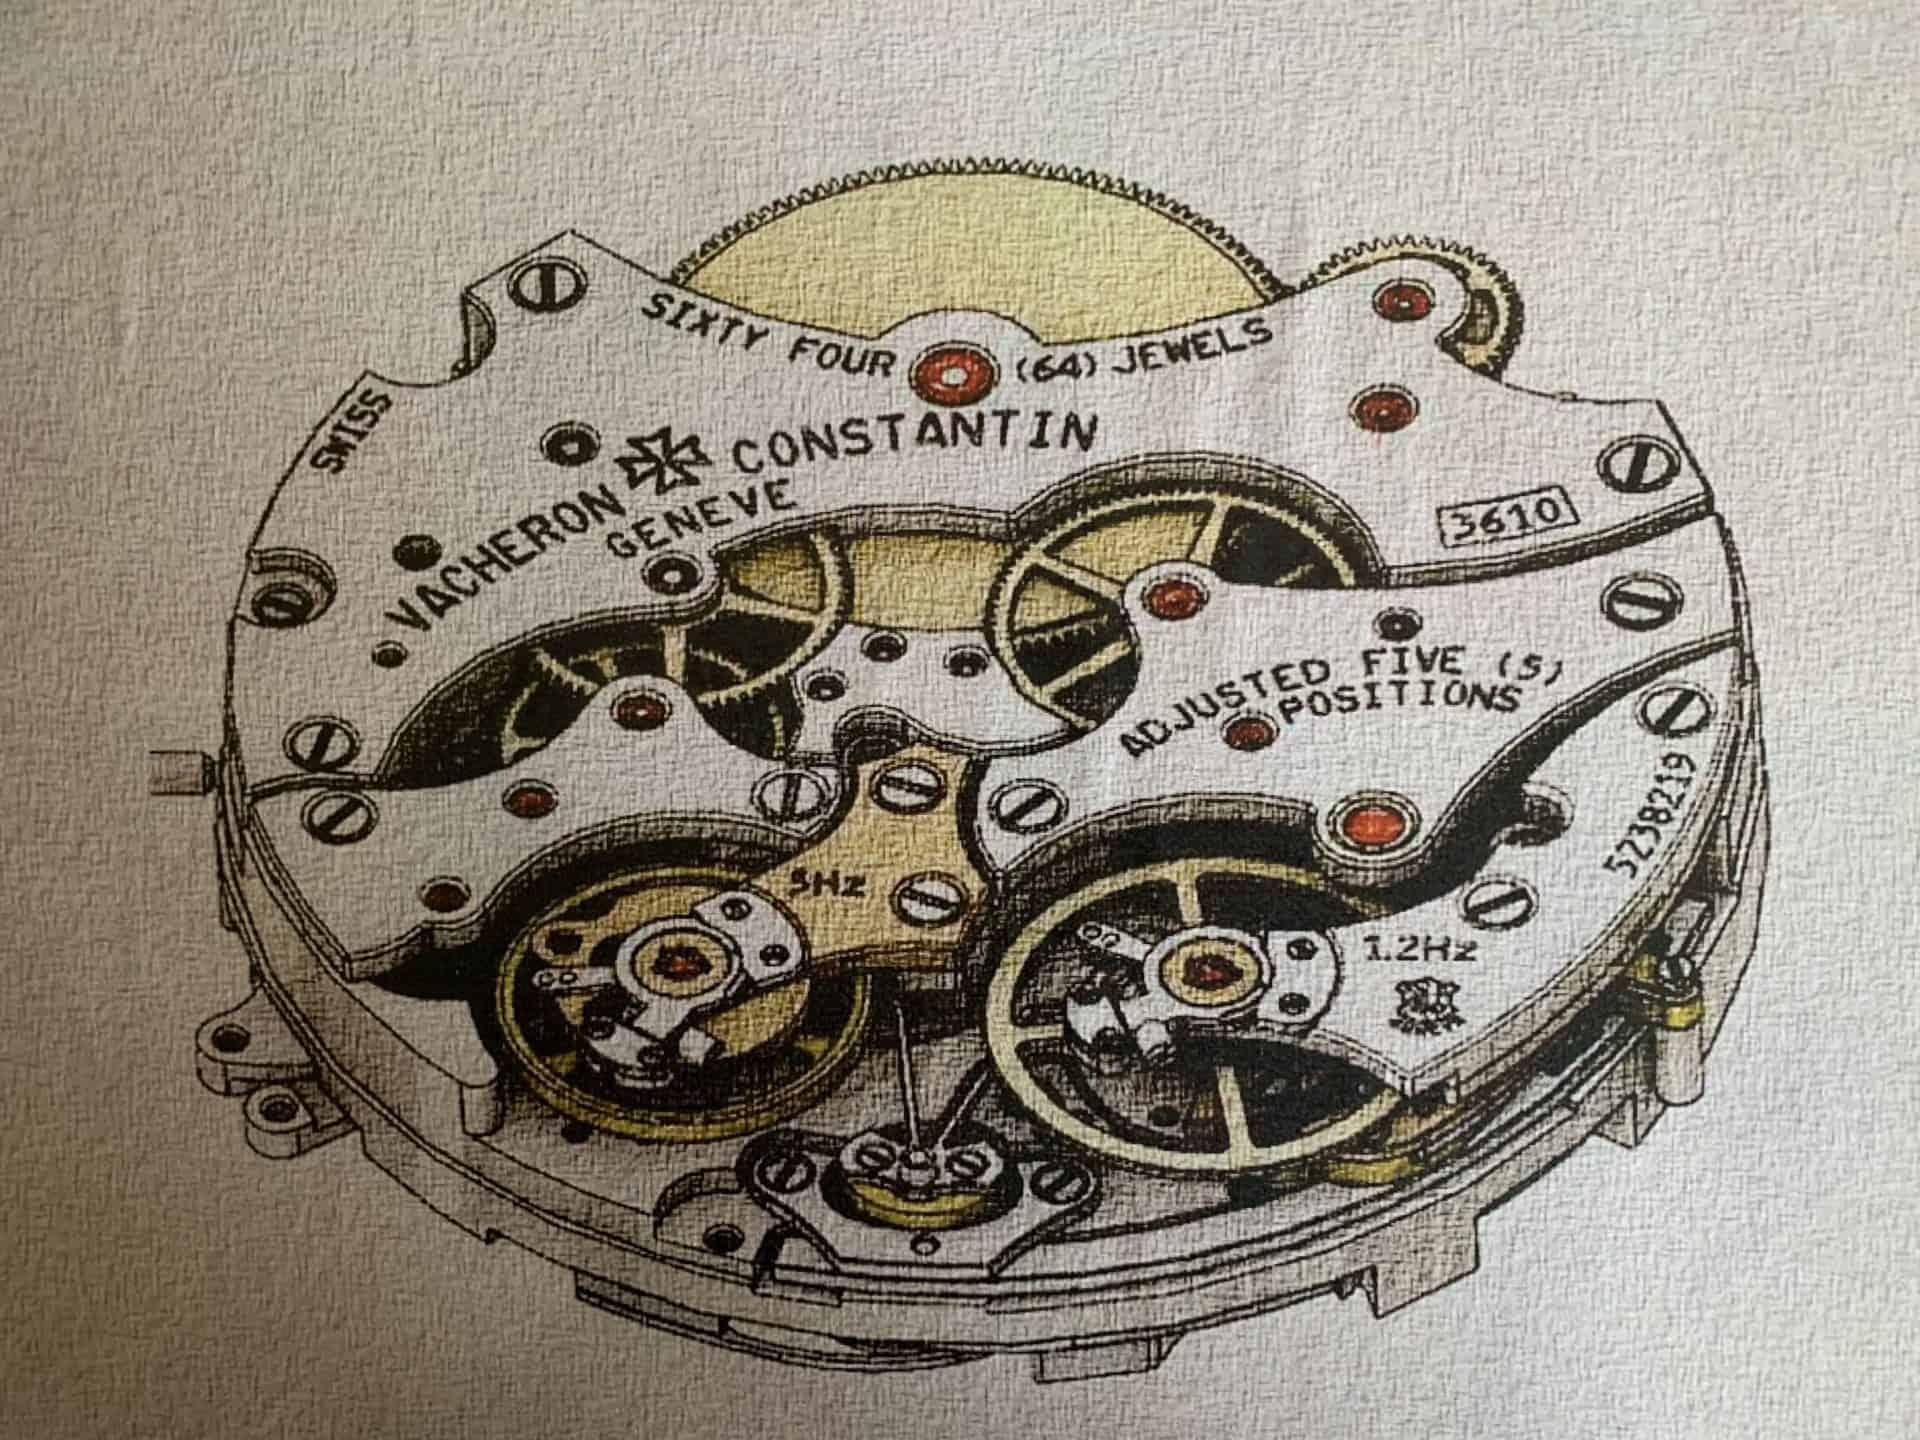 Das neue innovative Vacheron Constantin Kaliber 3610 mit seiner möglichen Tempowahl